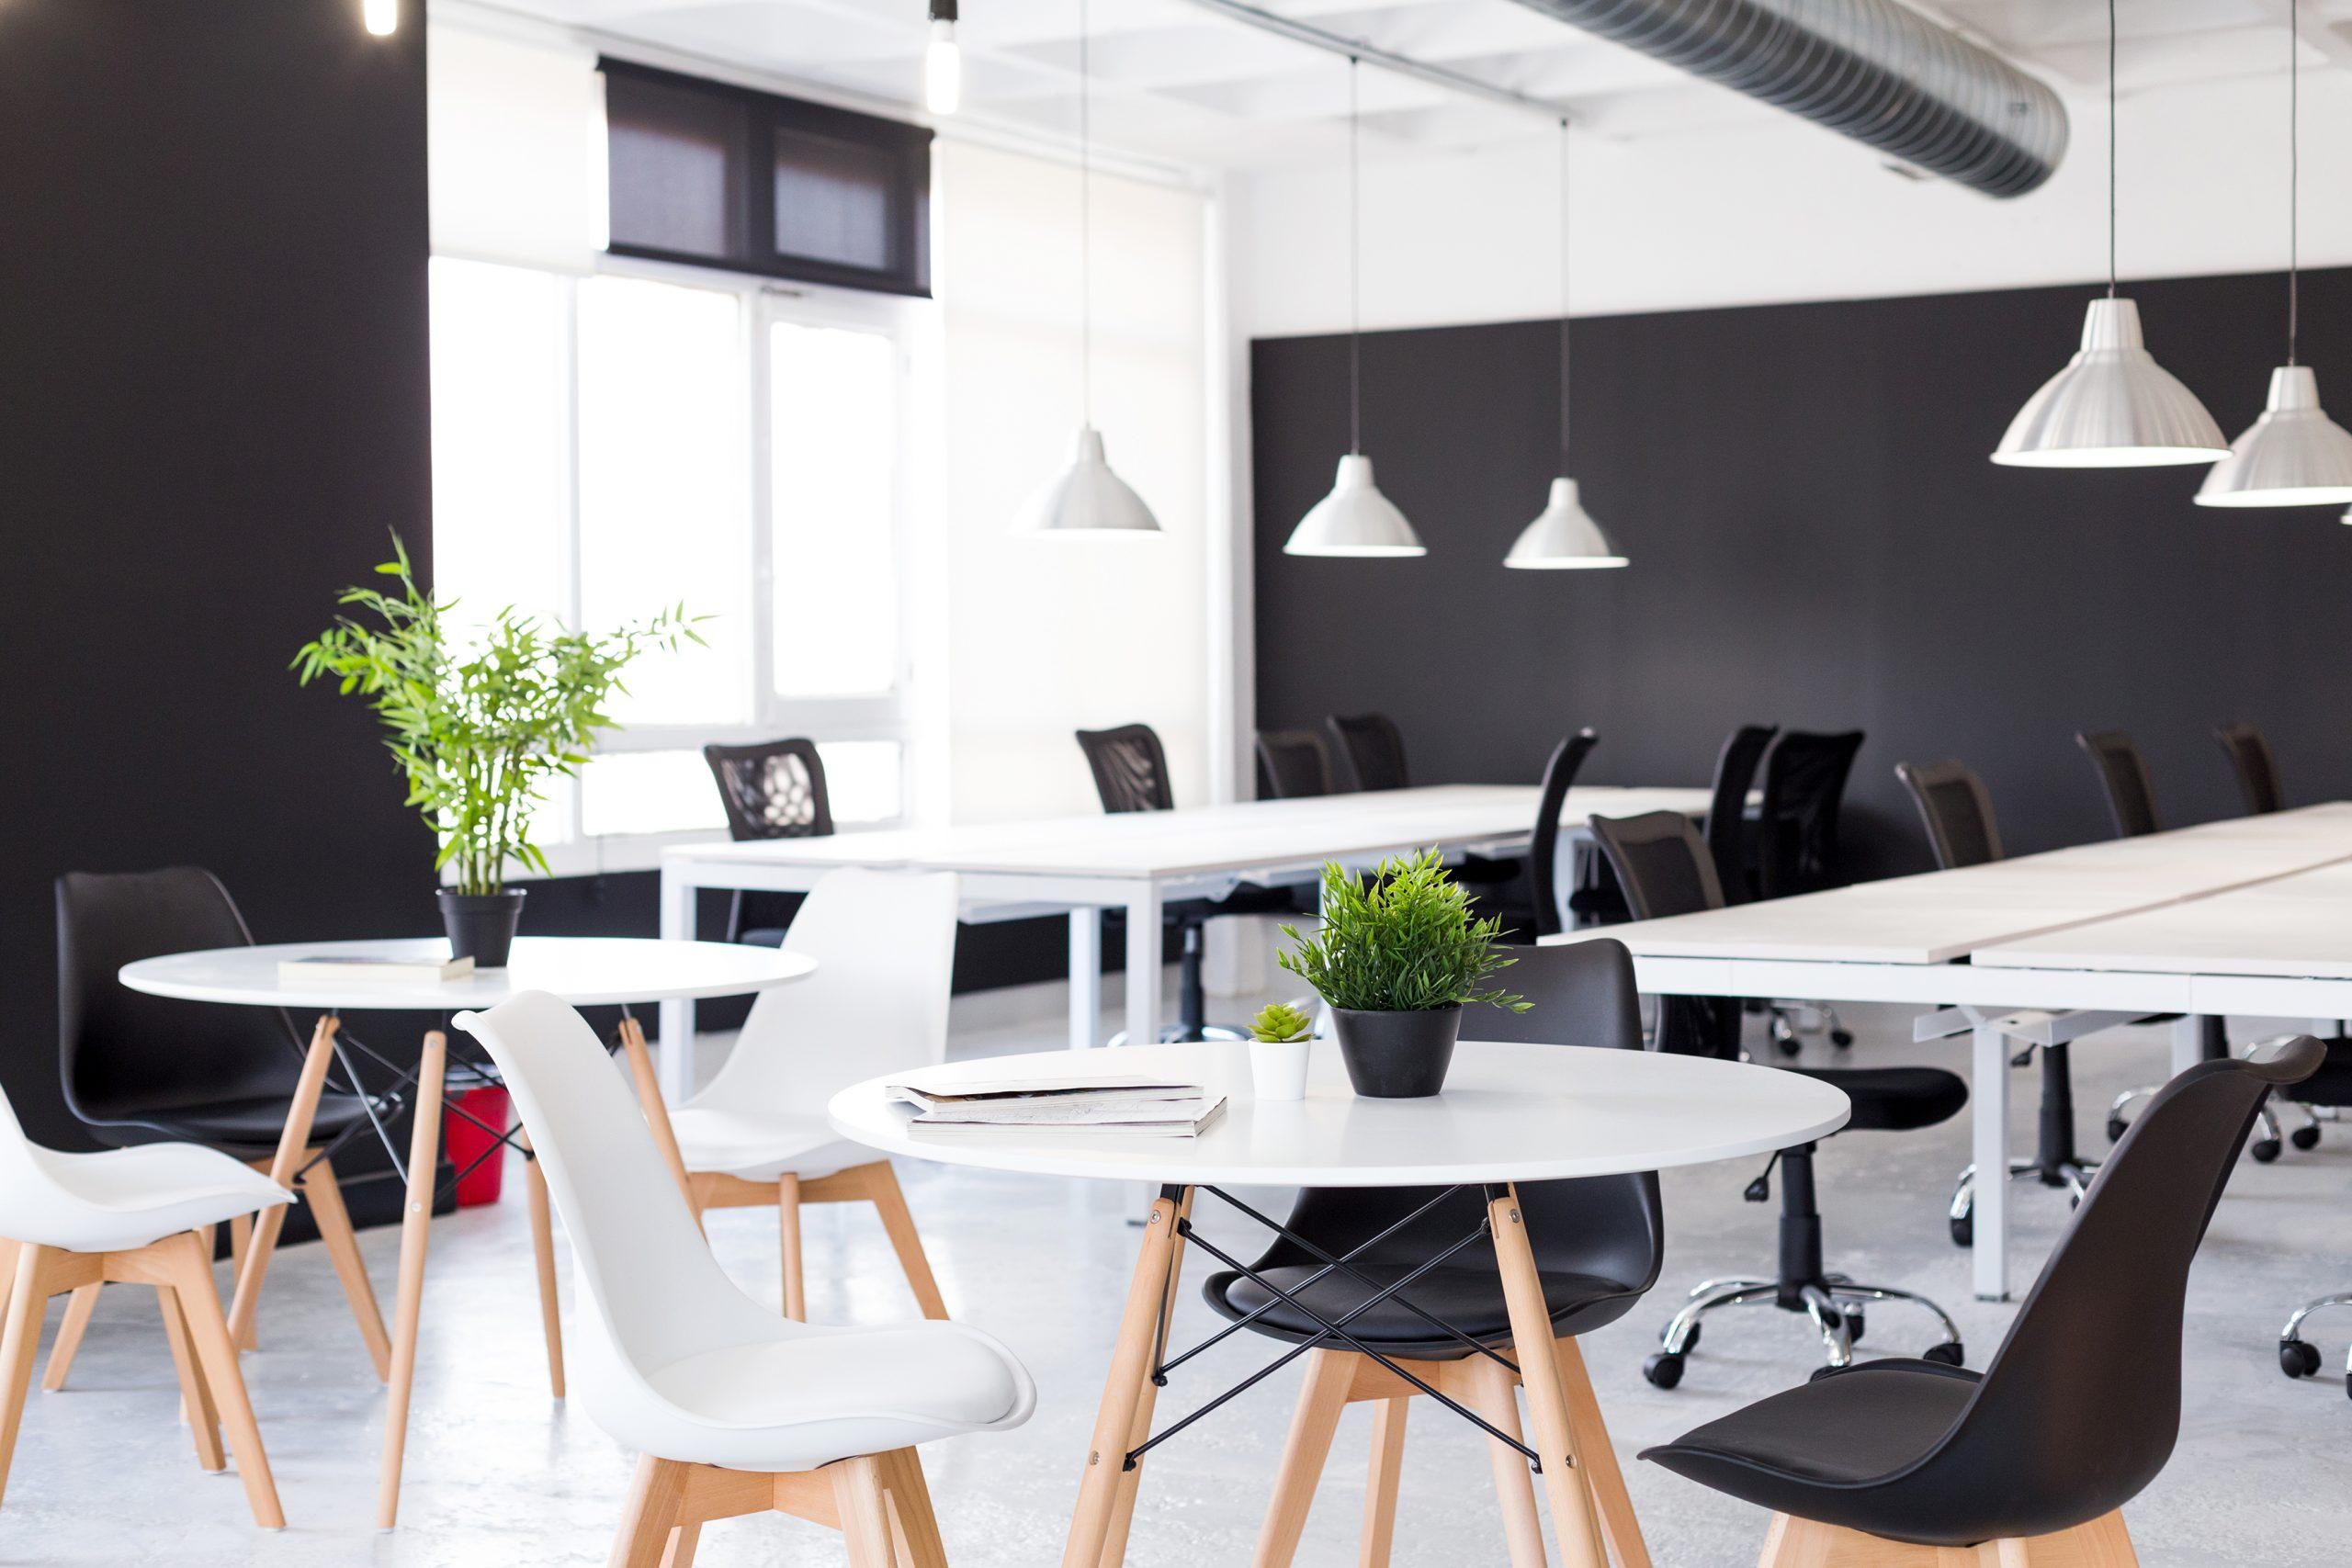 Mesas-reuniones-equipo-proyectos-negocio-innovadores-bilbao-biworking